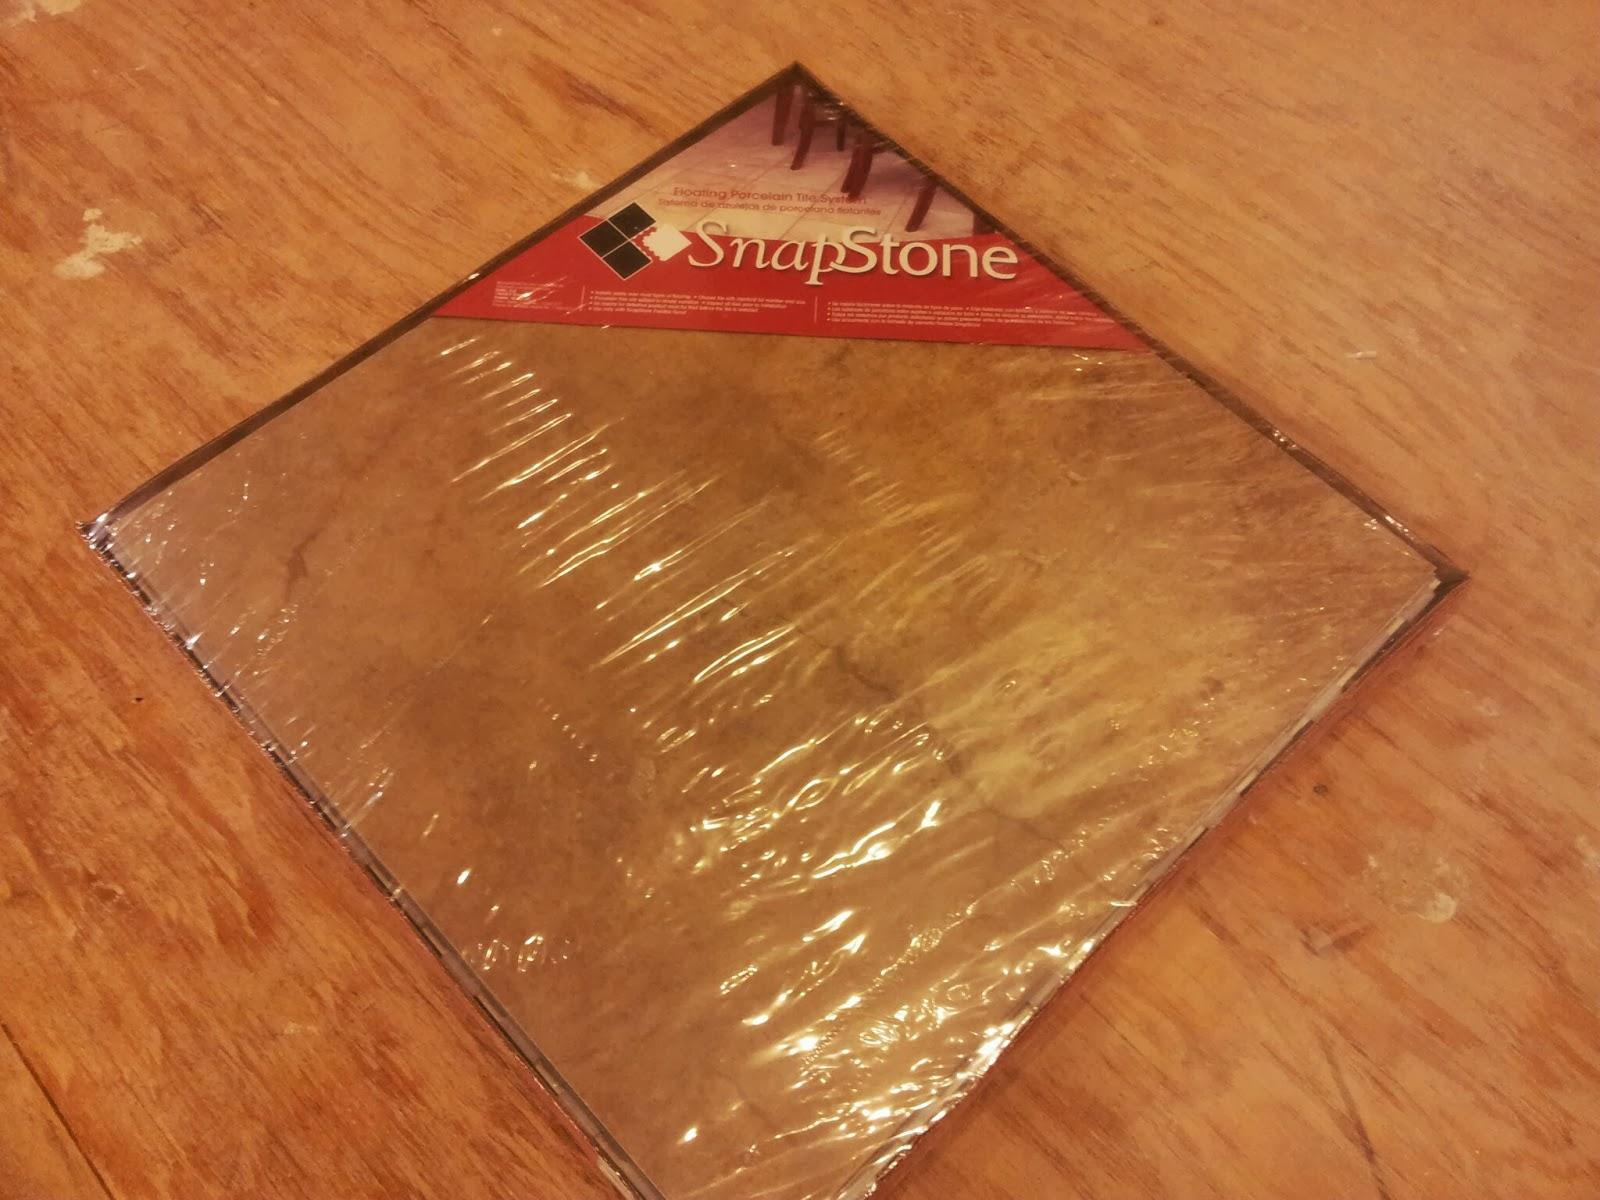 Snapstone Kitchen Tile Has Finally Arrived